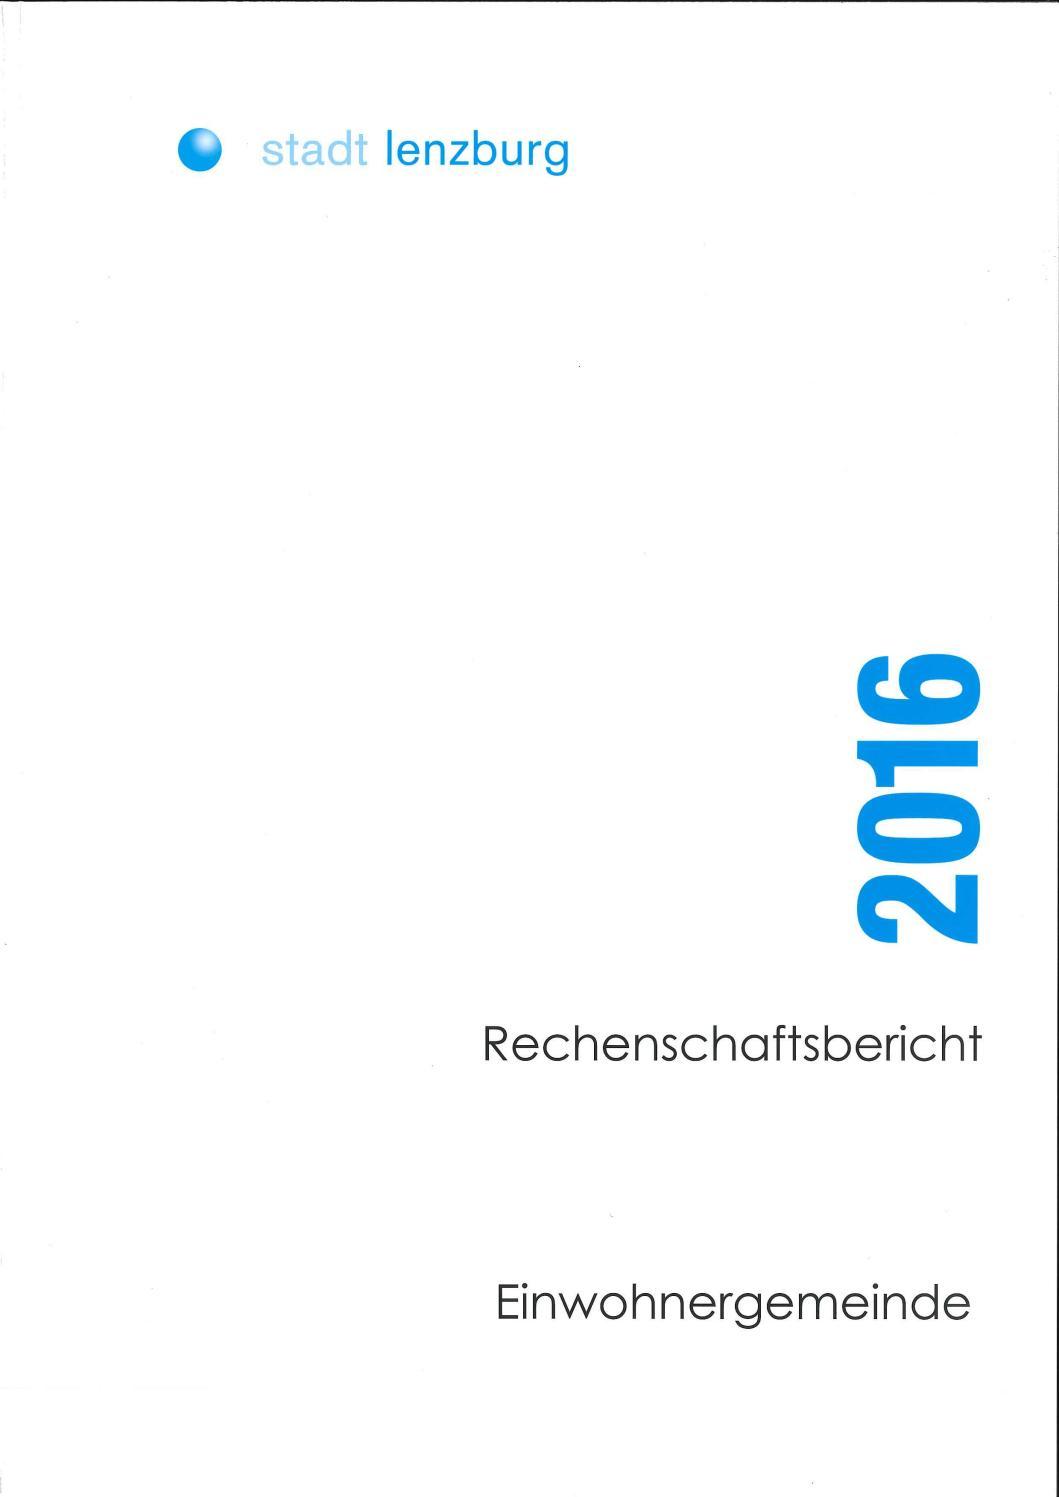 Rechenschaftsbericht 2016 by Stadt Lenzburg - issuu